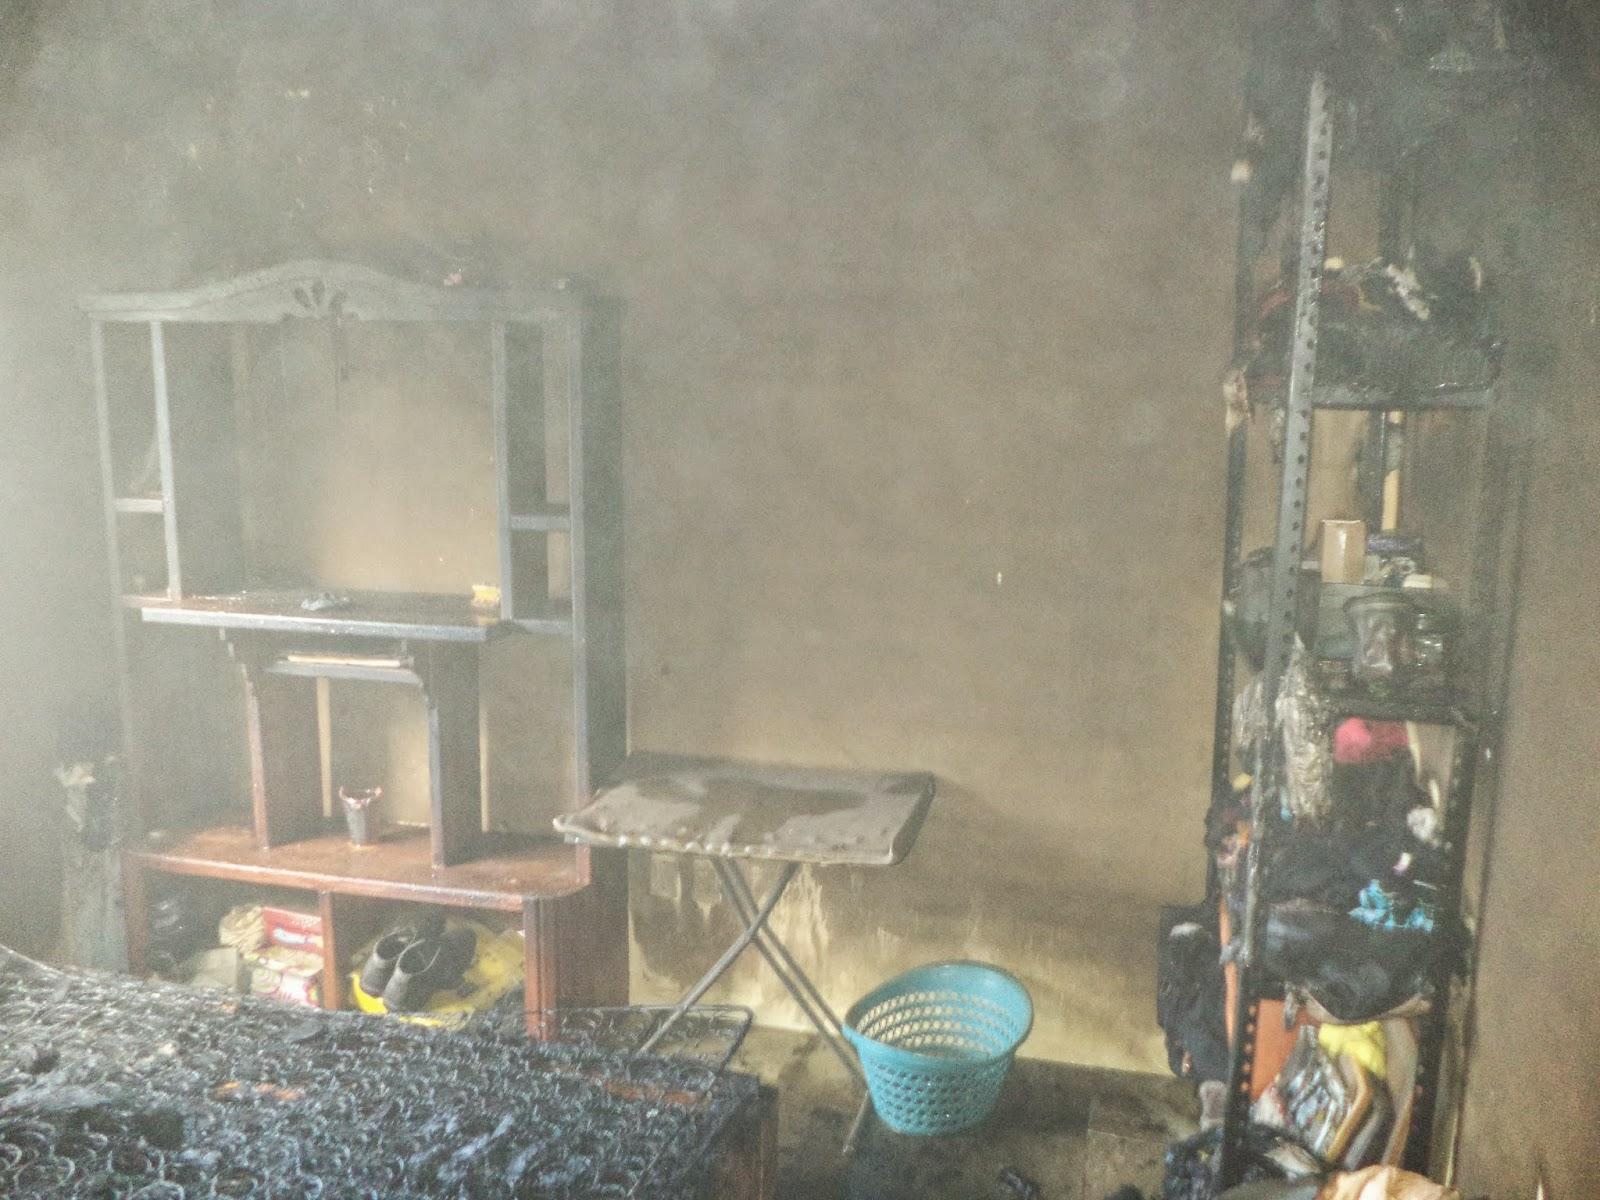 acosur agencia costa sur bomberos contienen incendio en On cuarto quemado